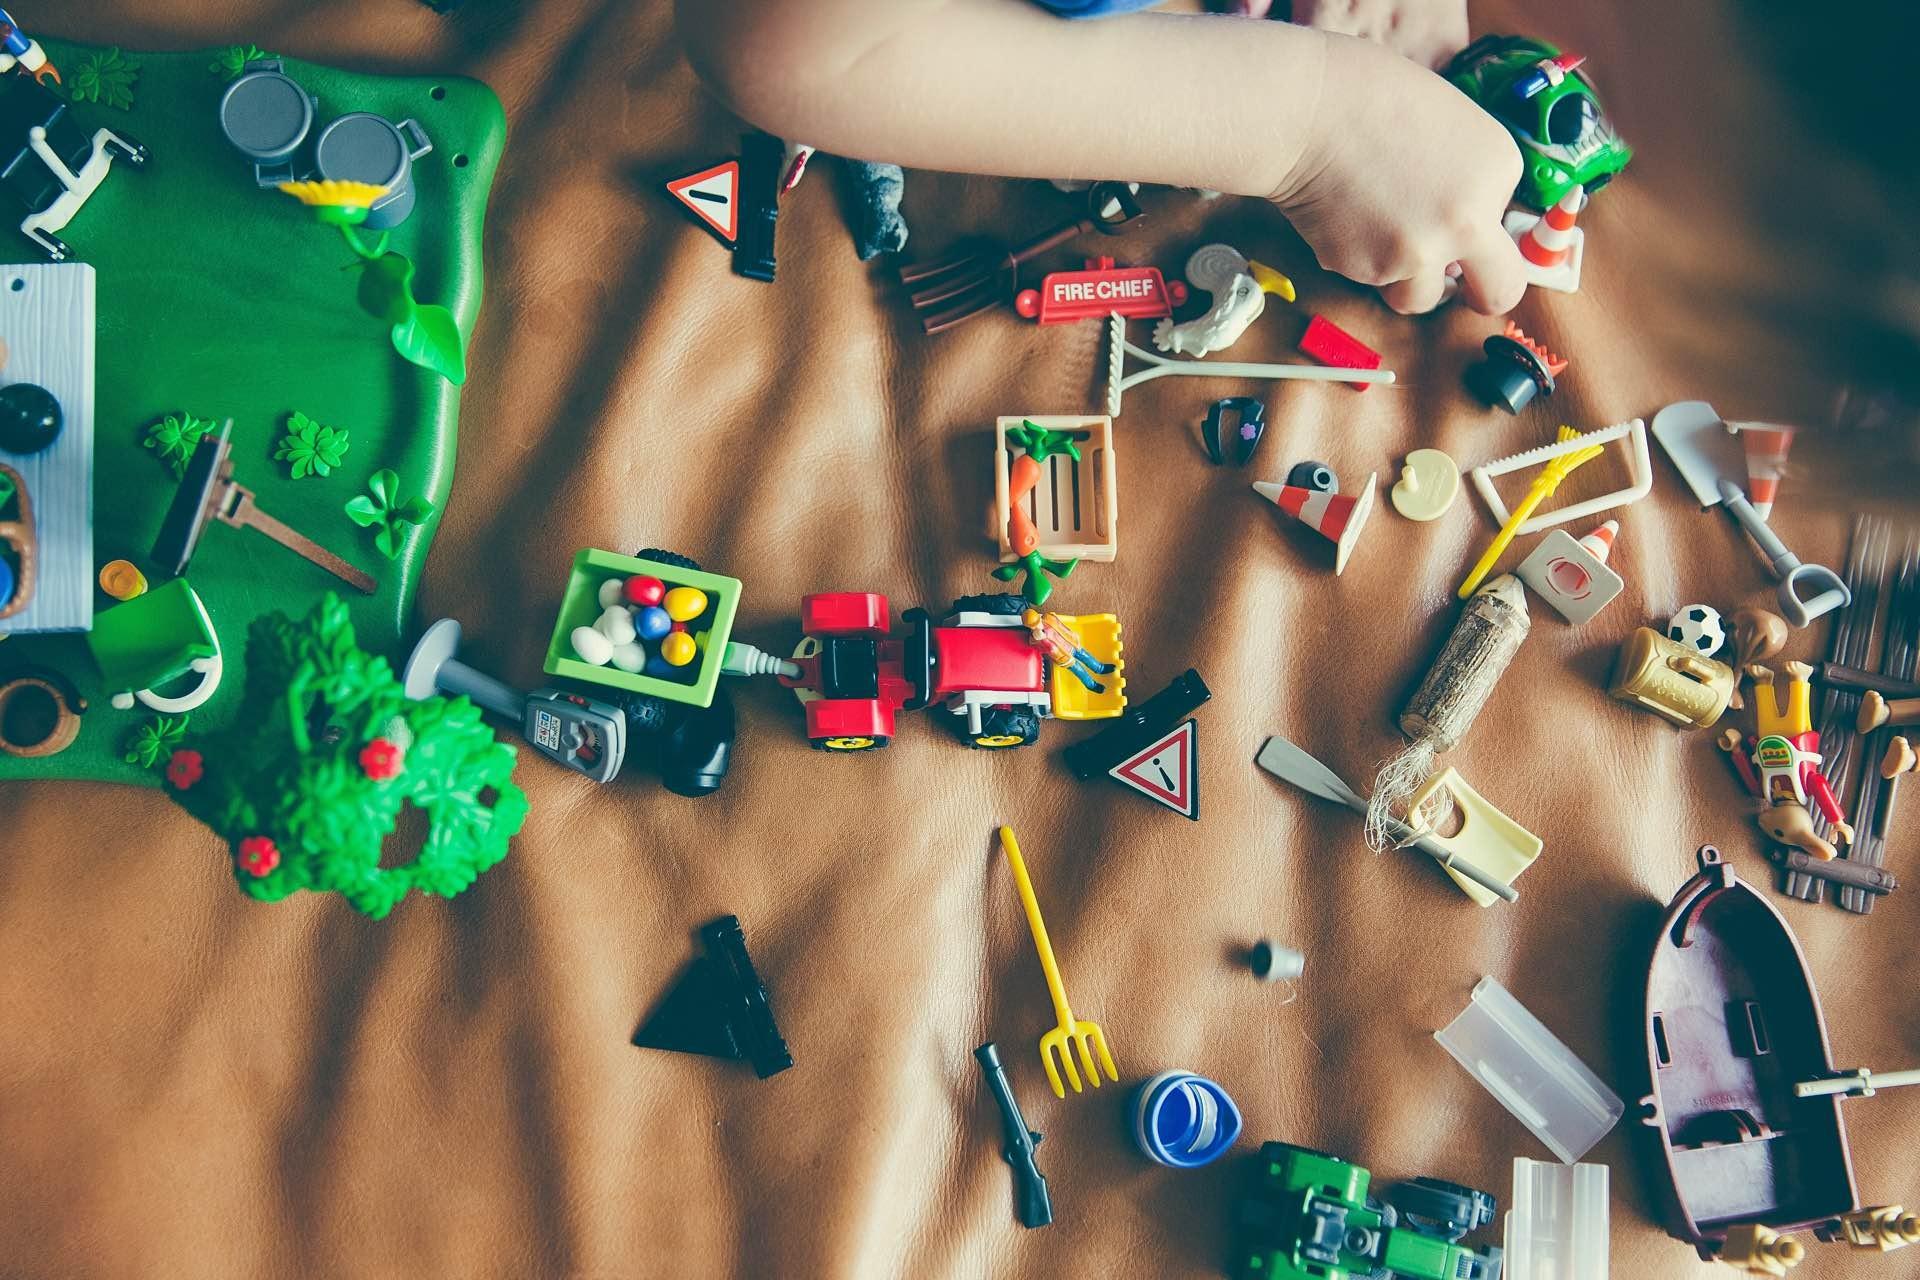 fun-projects-for-kids-guide-hero-markus-spiske